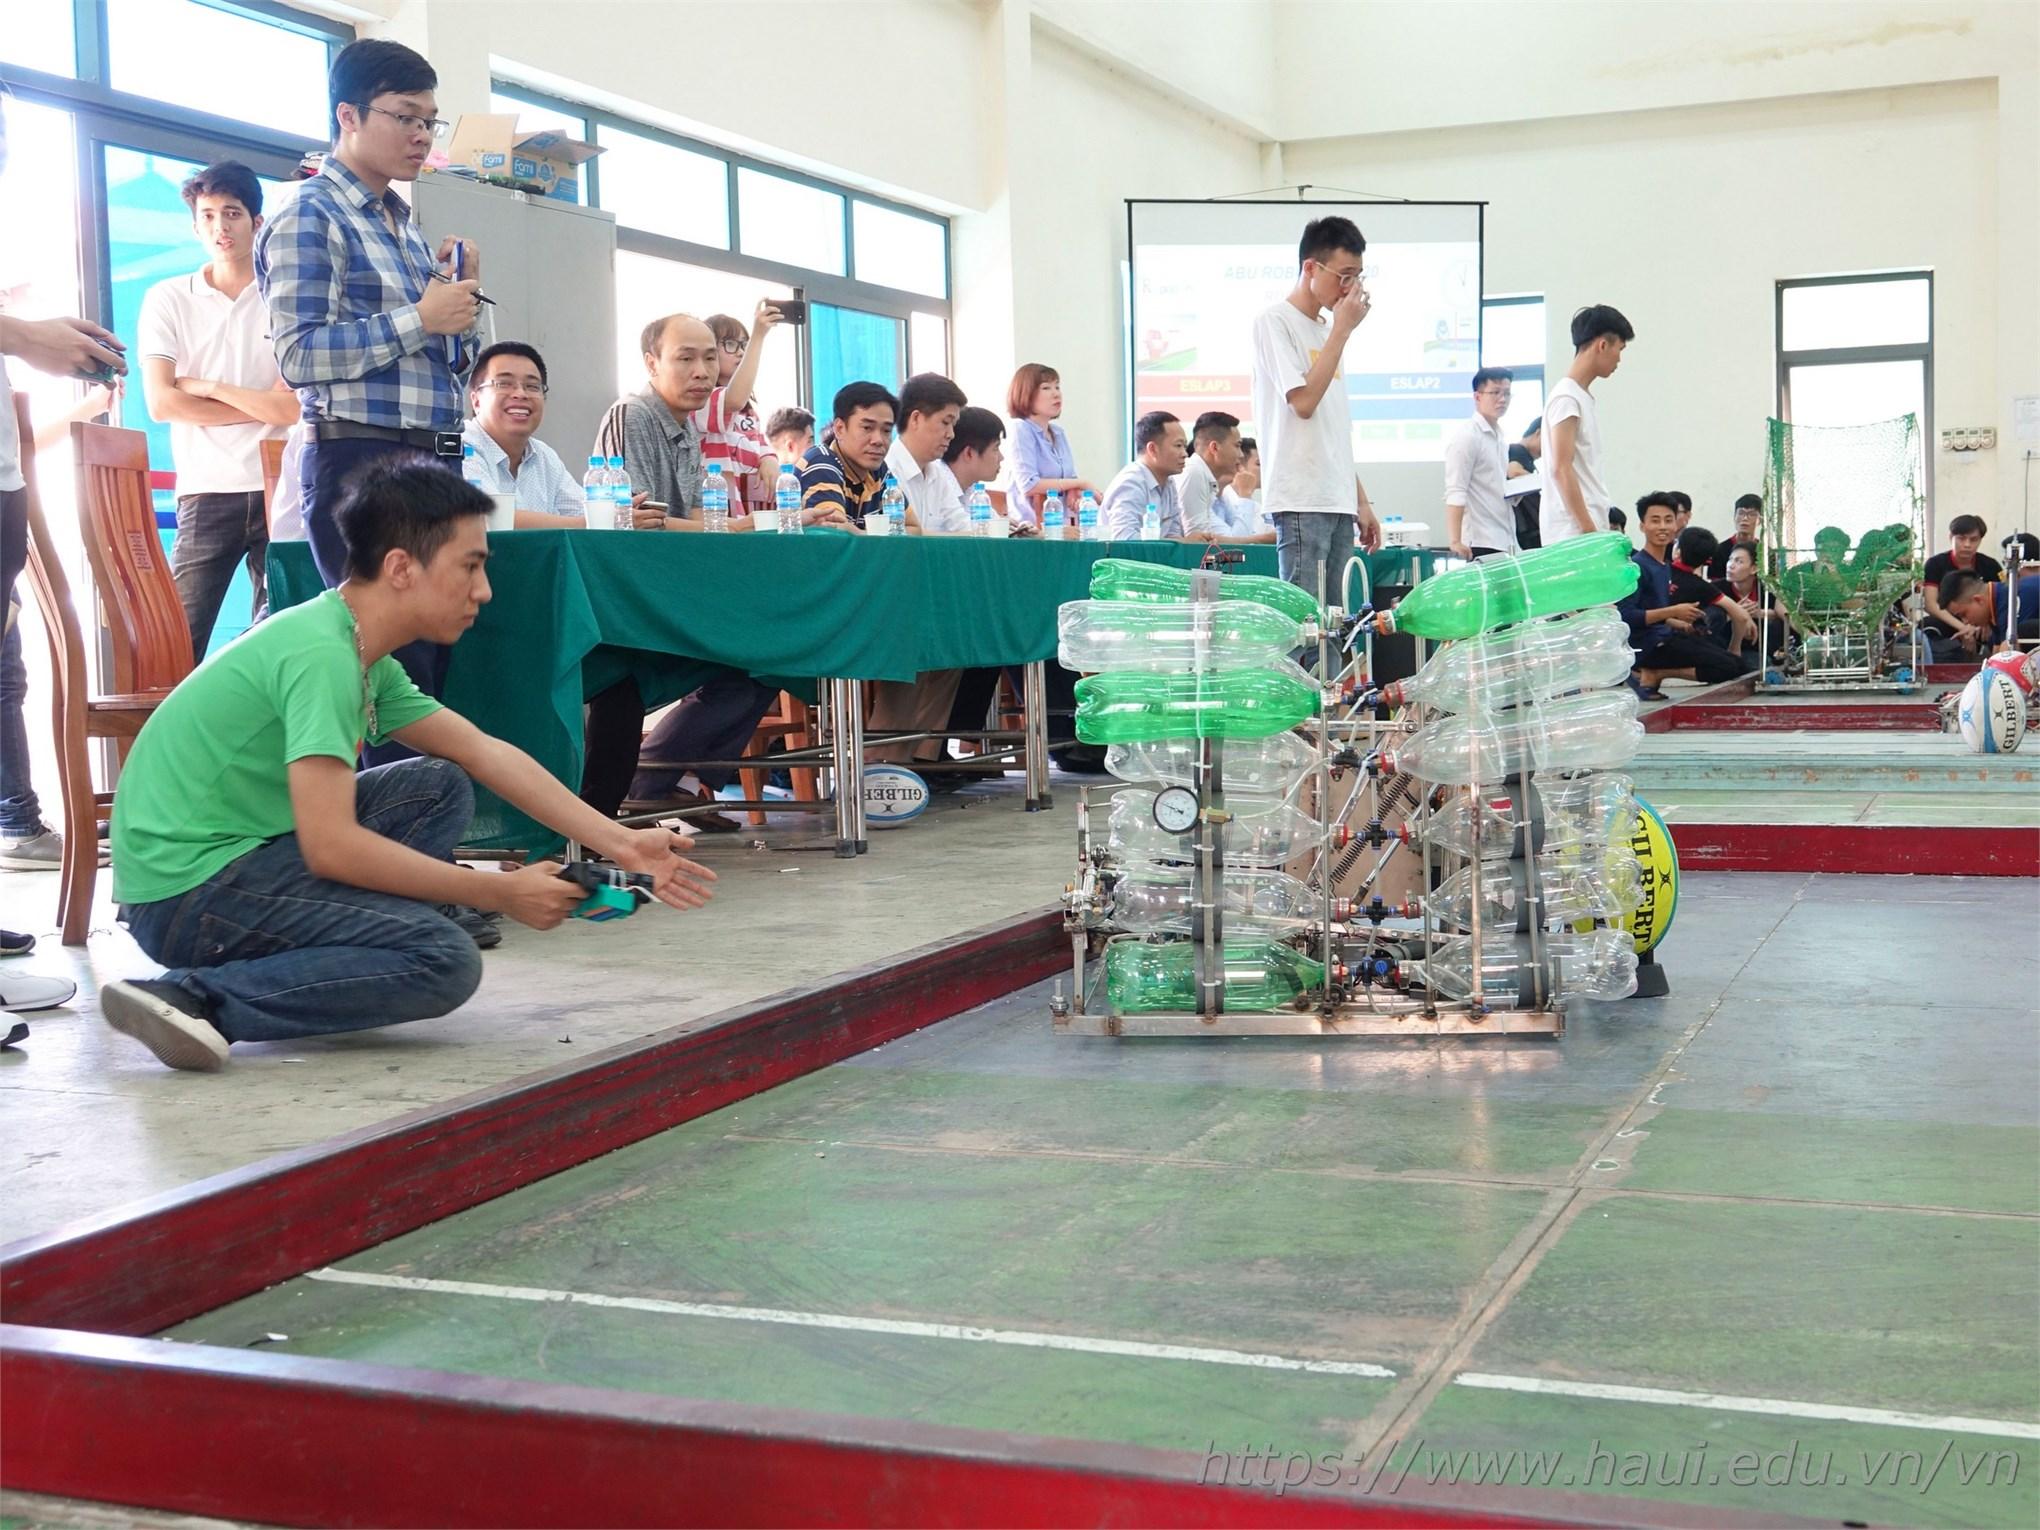 Khoa Điện tử giành Giải Nhất cuộc thi Robocon cấp trường năm 2020